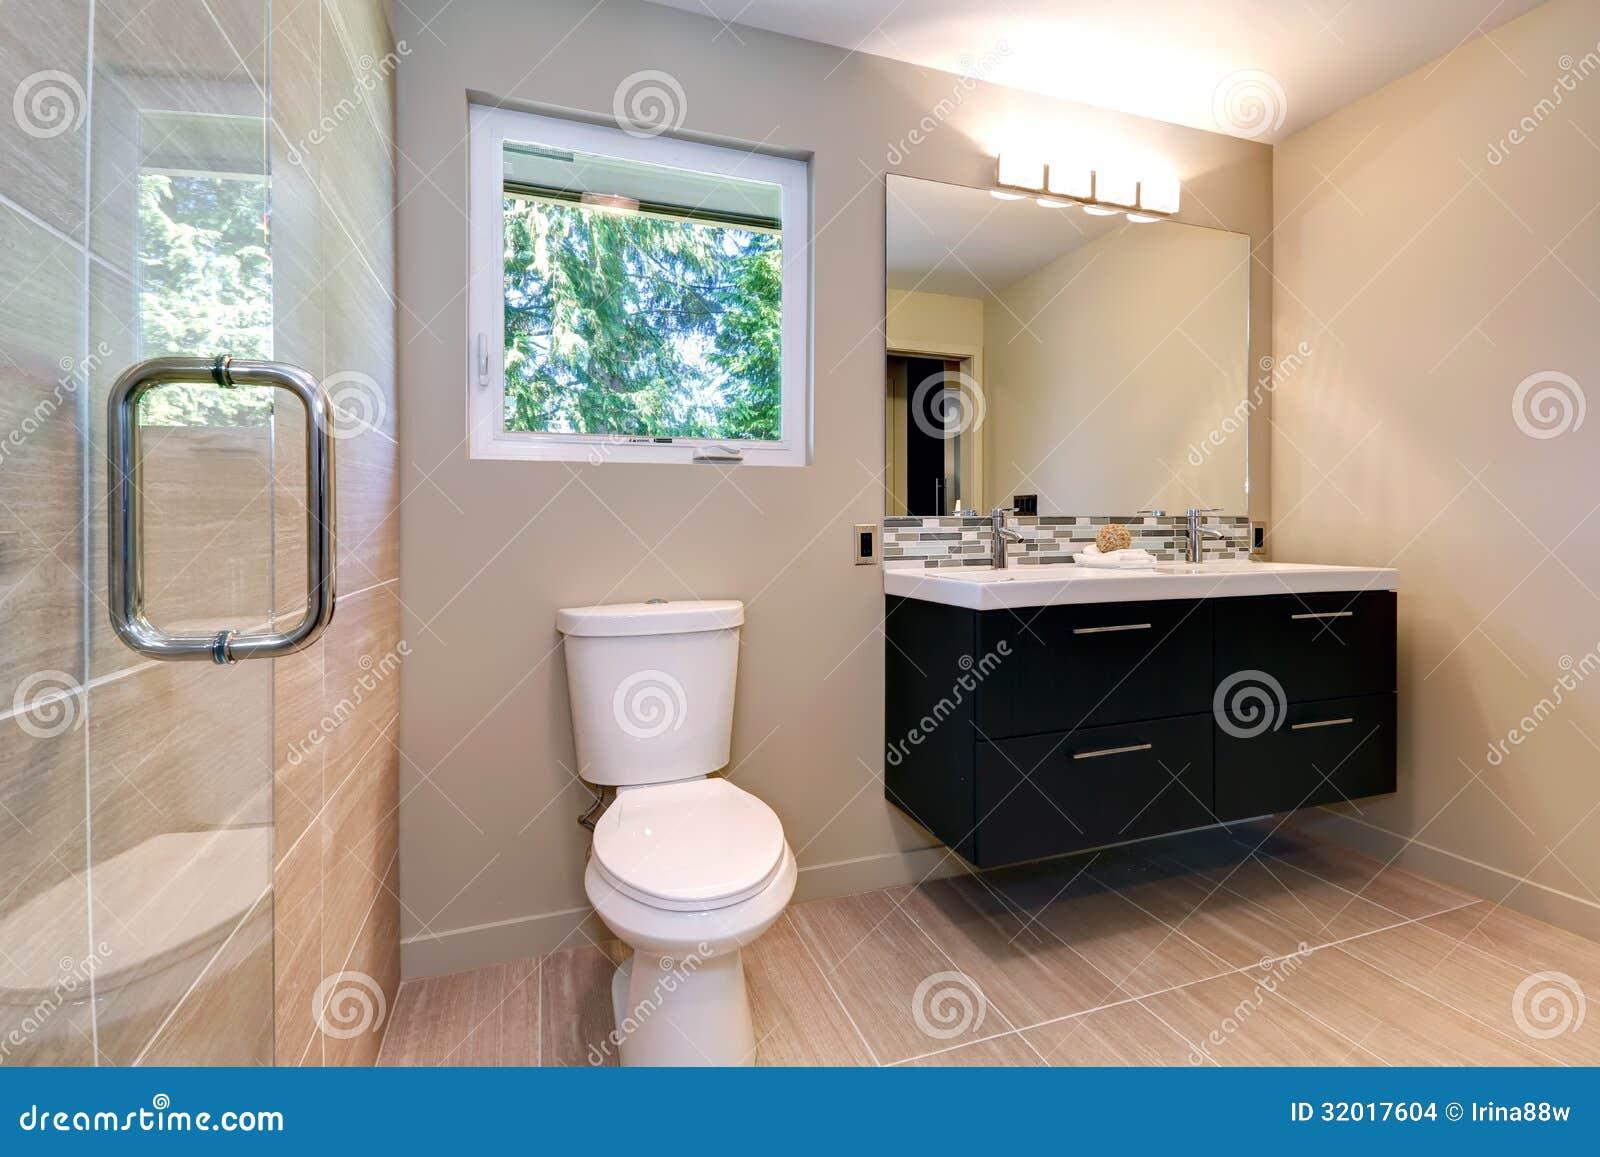 Imagenes De Baños Nuevos:Imagenes de archivo: Nuevo cuarto de baño moderno simple con los